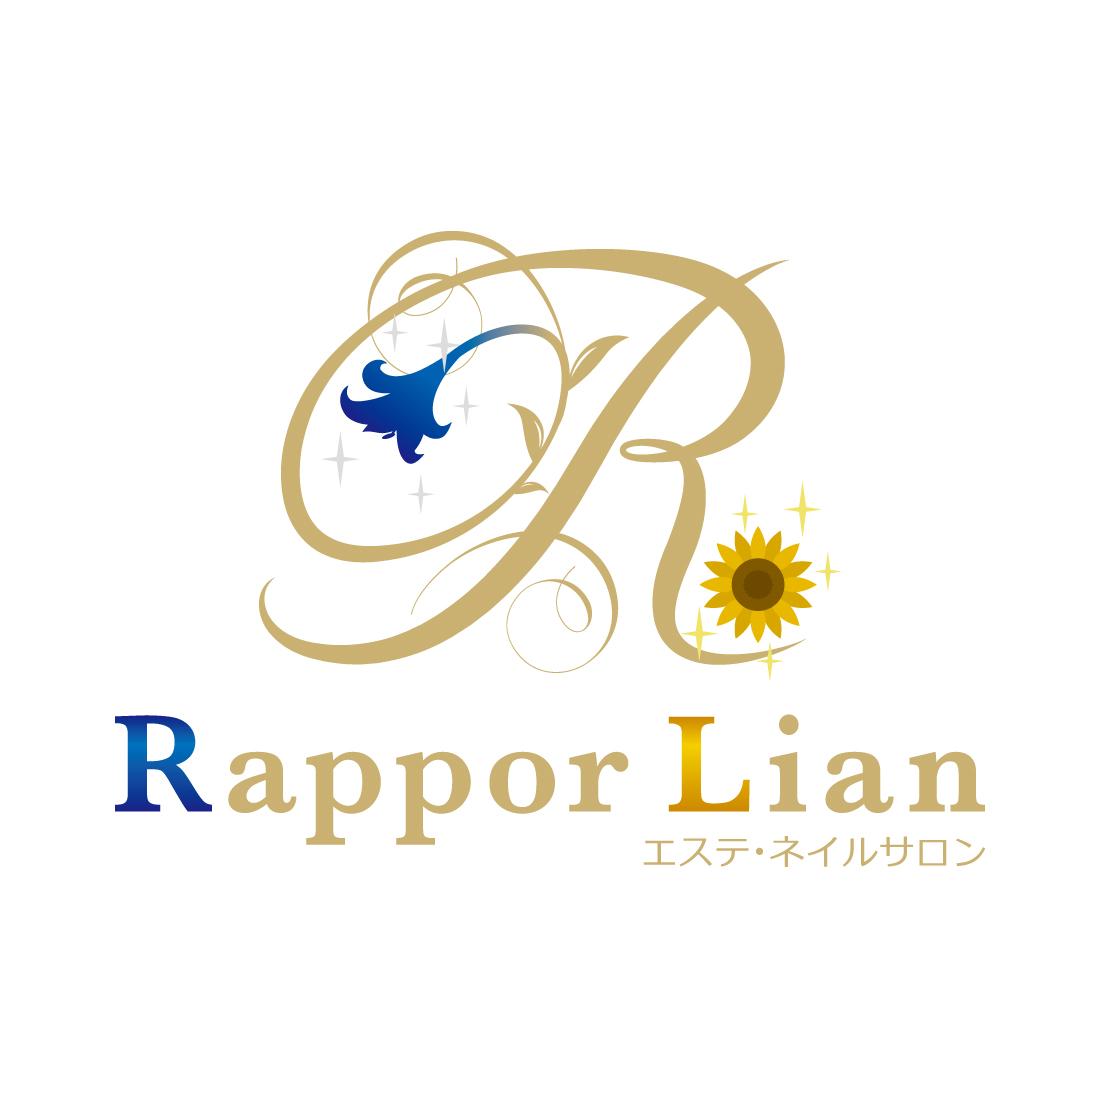 ラポール リアン|名古屋市港区のエステ・まつげパーマ・脱毛サロン